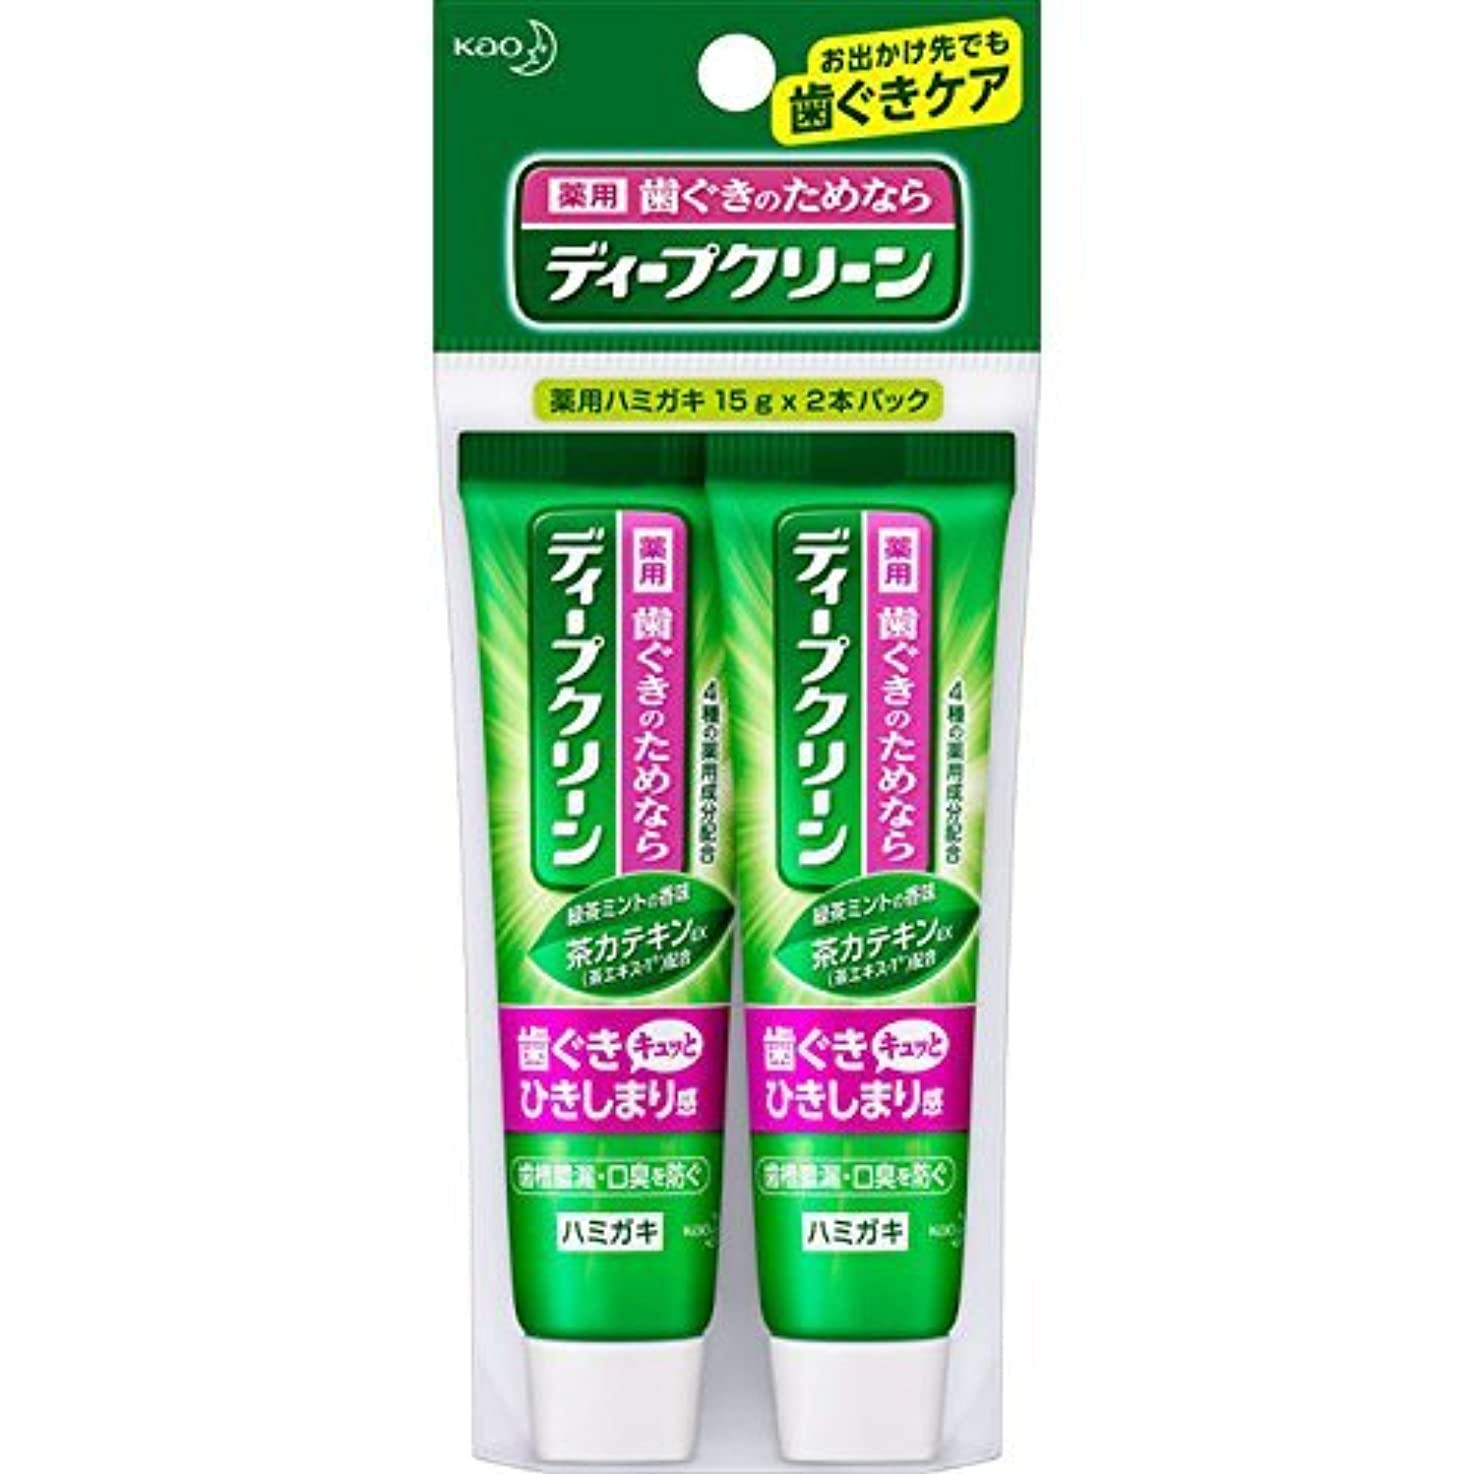 反乱アークプラグ花王 ディープクリーン 薬用ハミガキ ミニ 30g (医薬部外品)